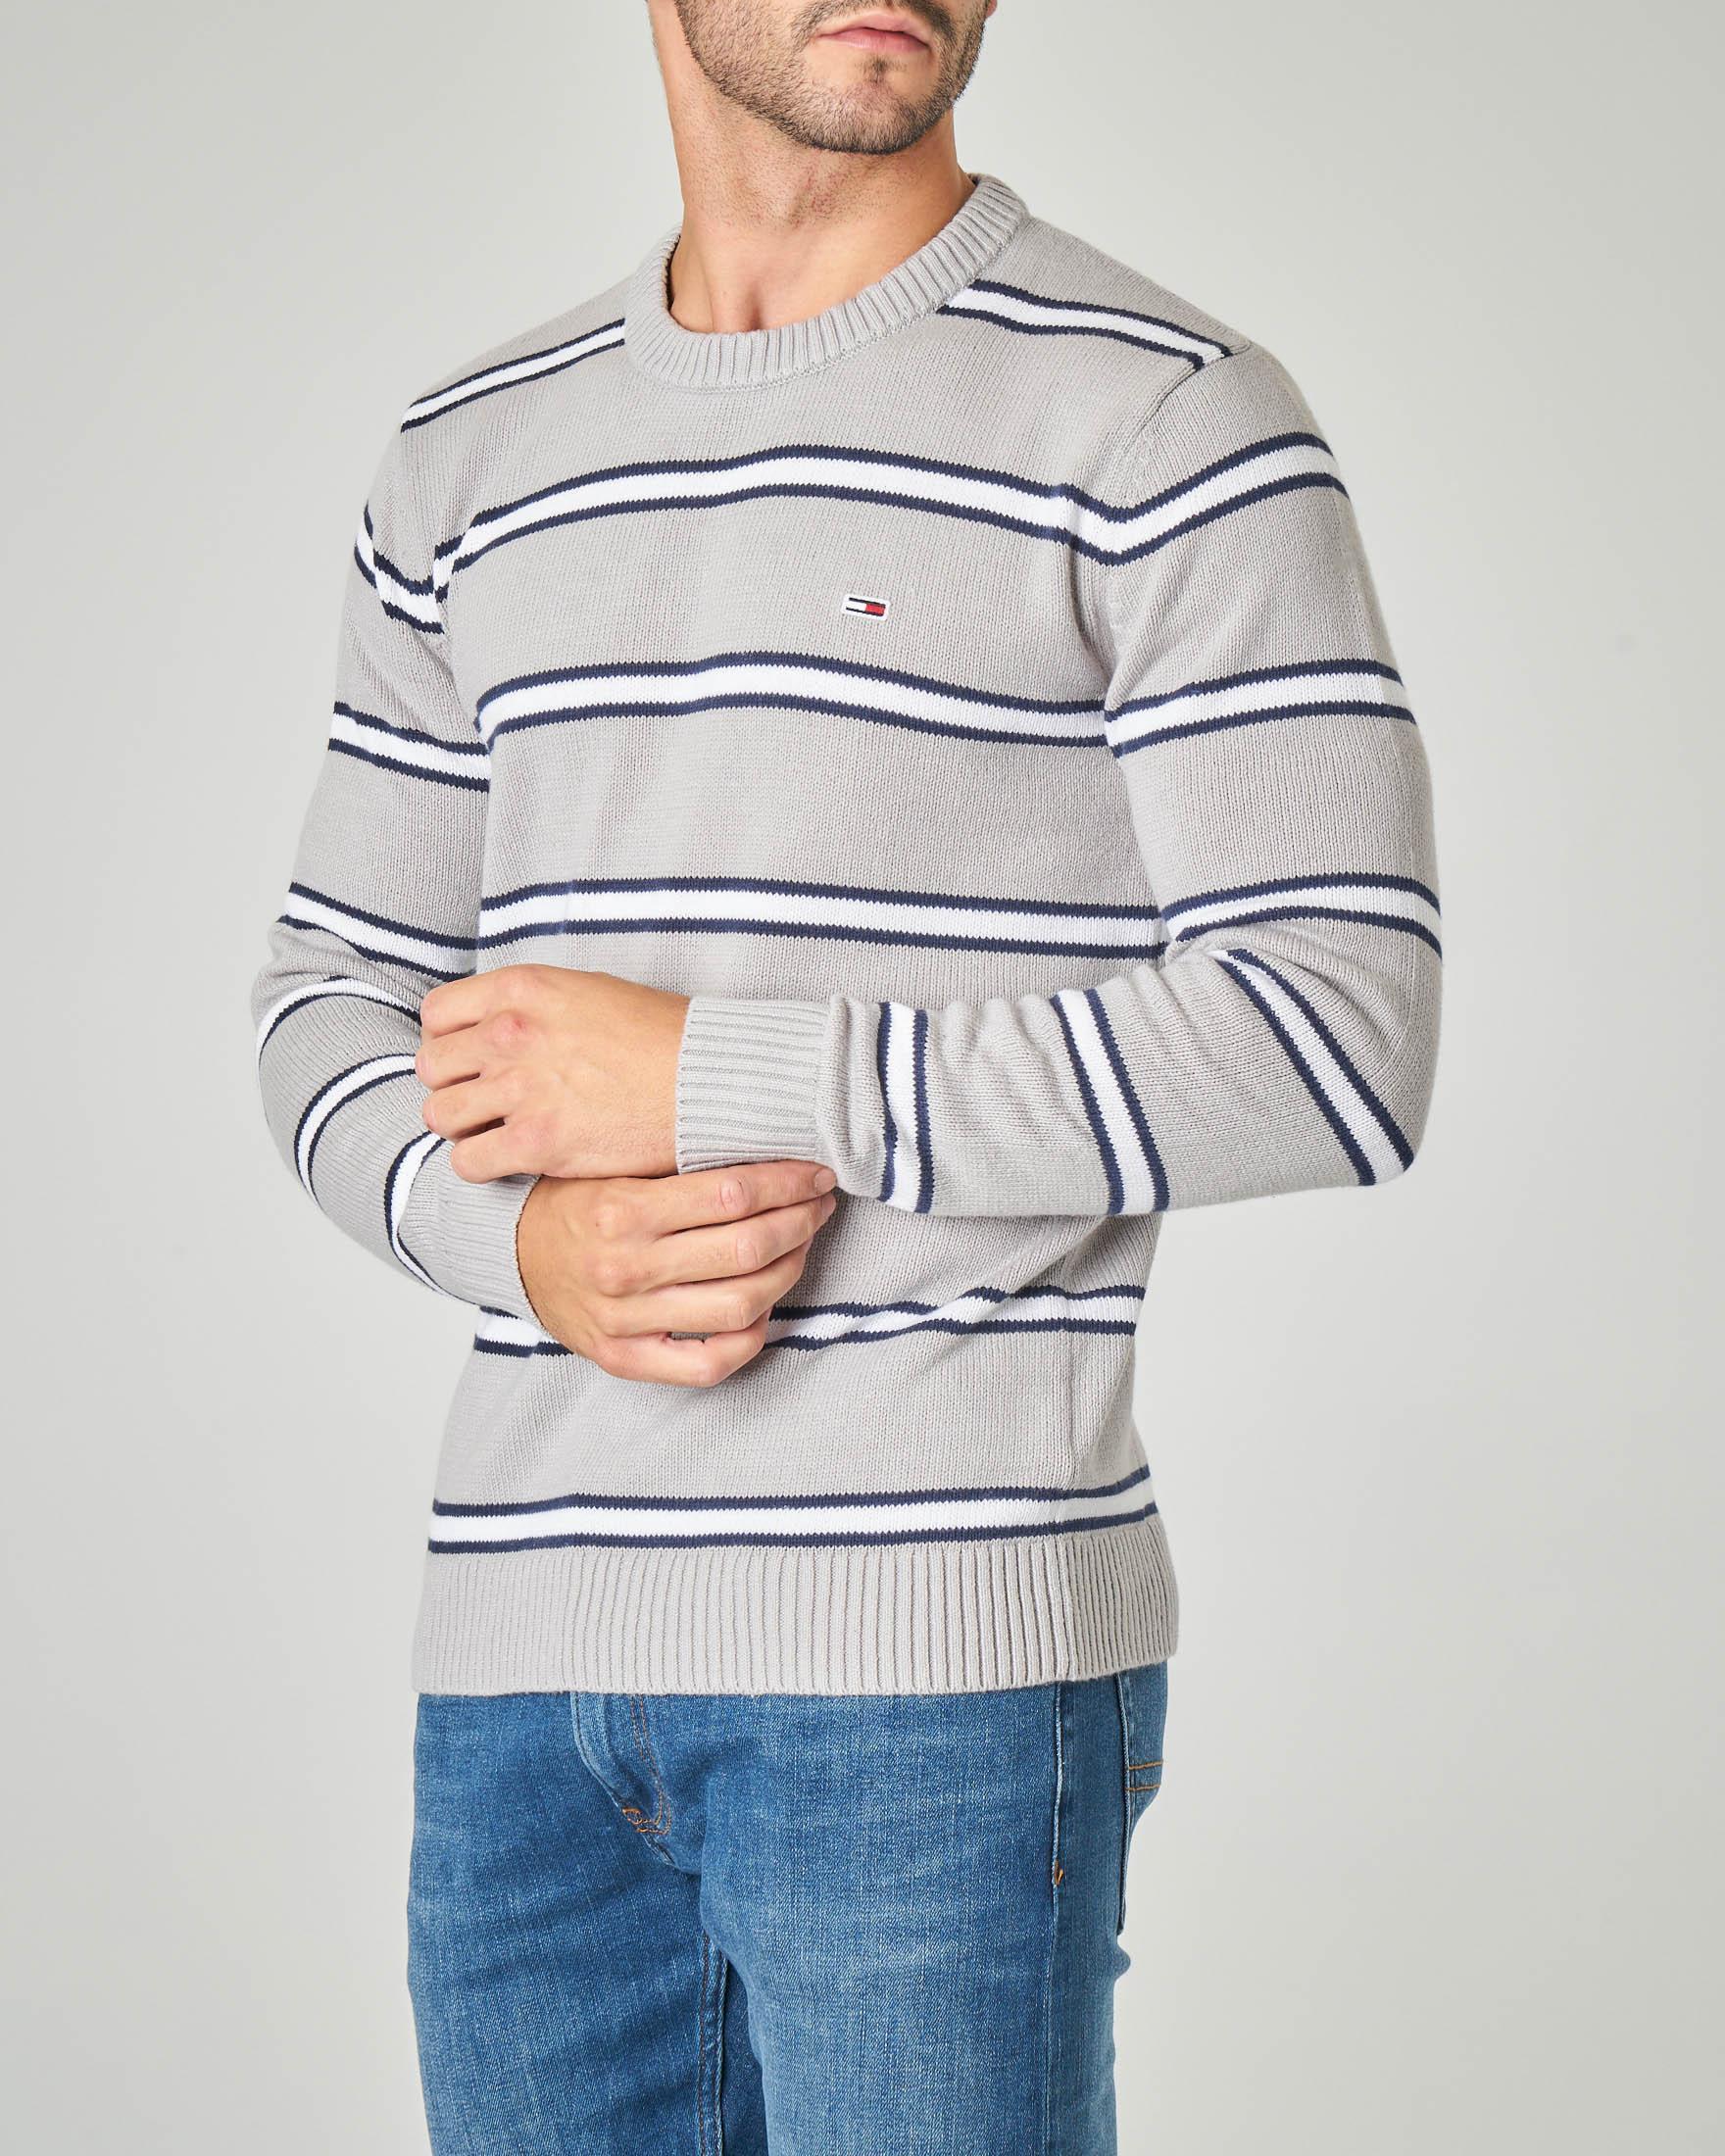 Maglia grigia in cotone girocollo con righe bianche e blu